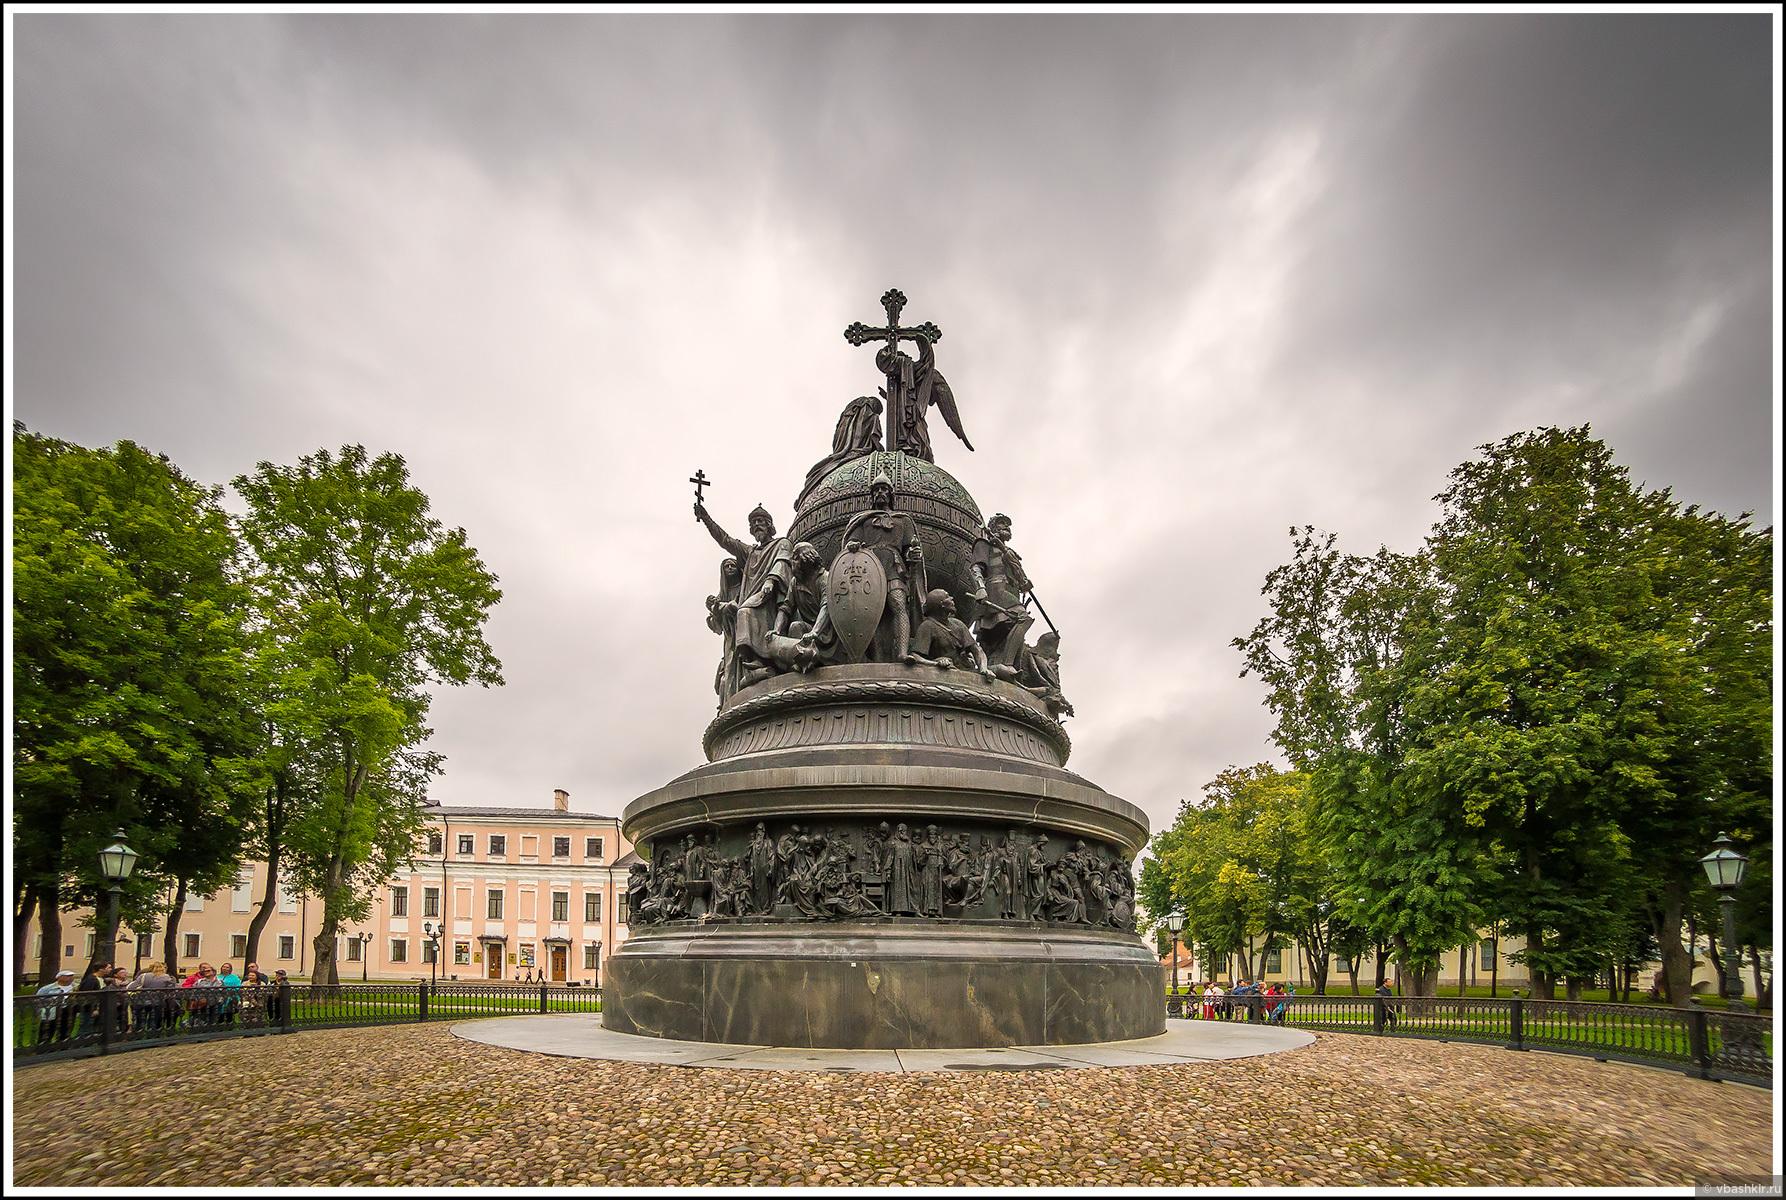 новгород памятник тысячелетие россии картинка говоря, музей